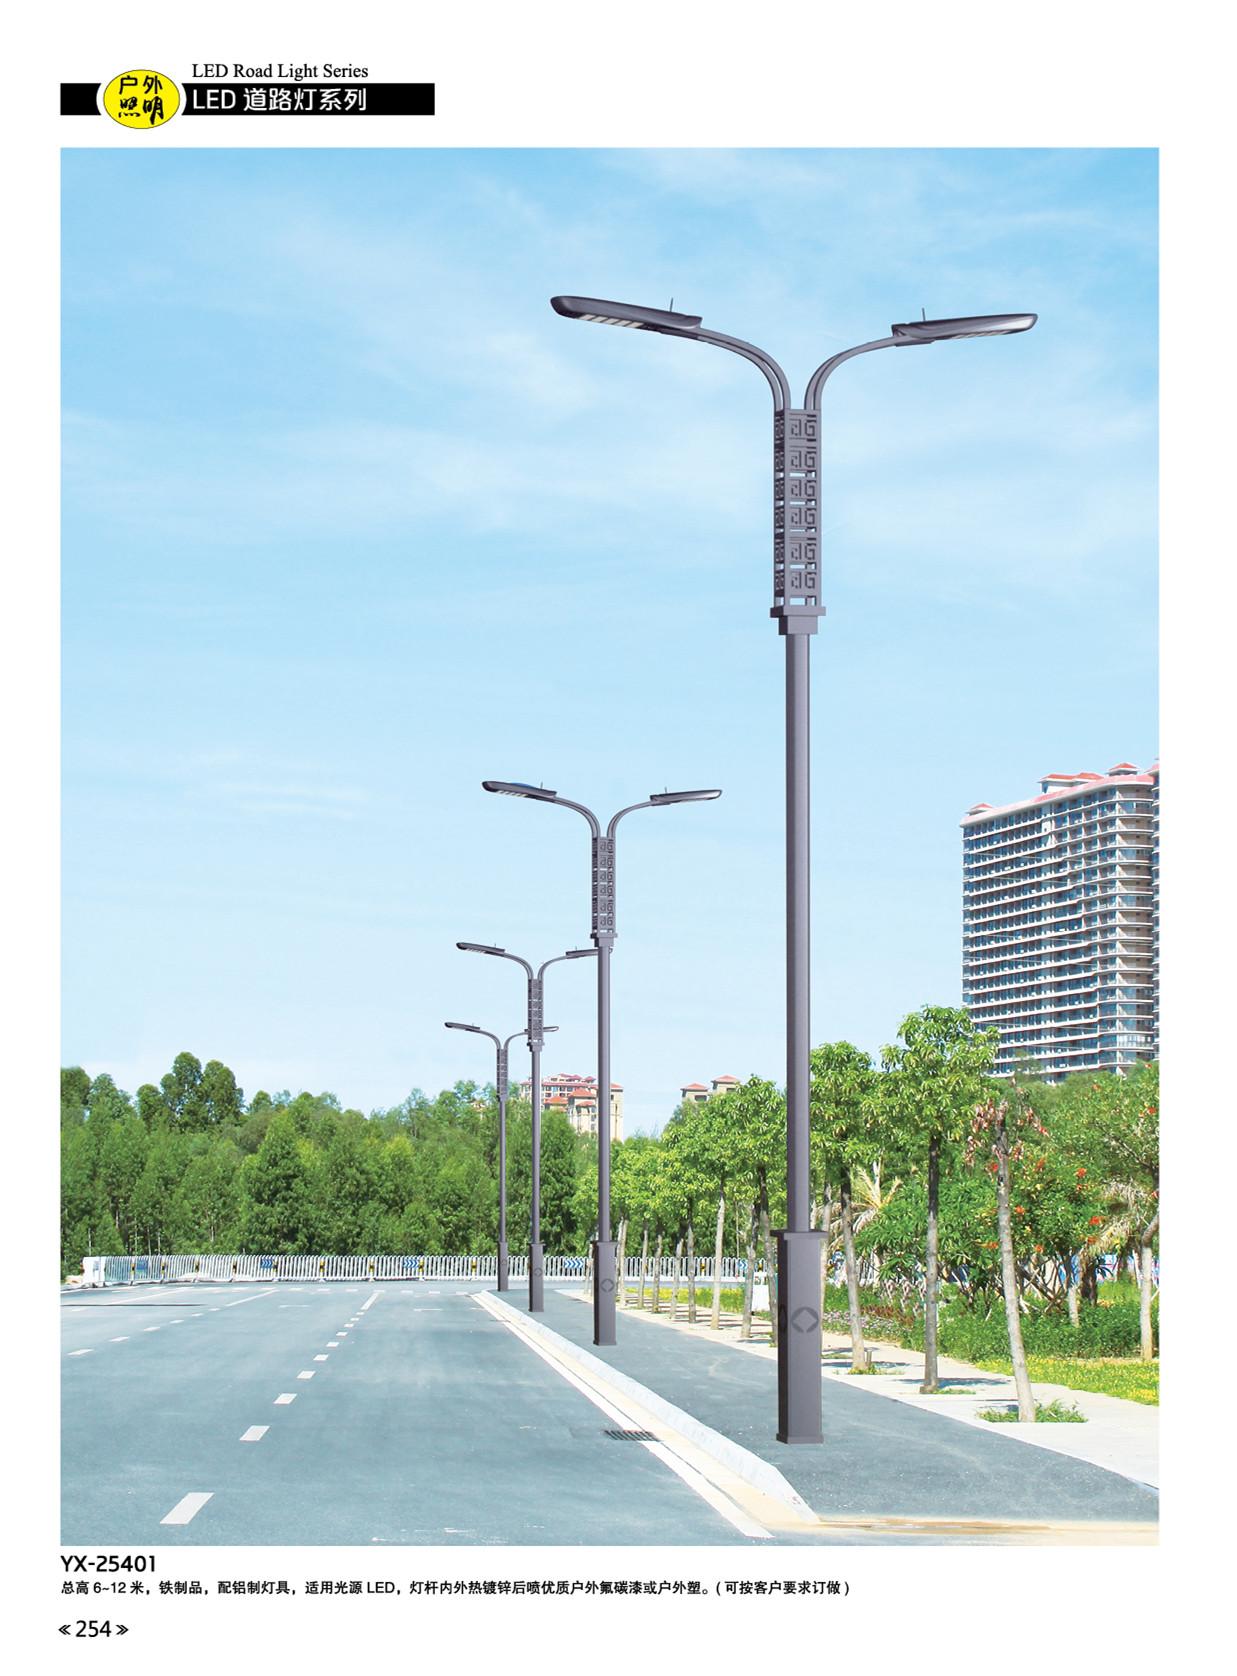 市电路灯 LED道路灯